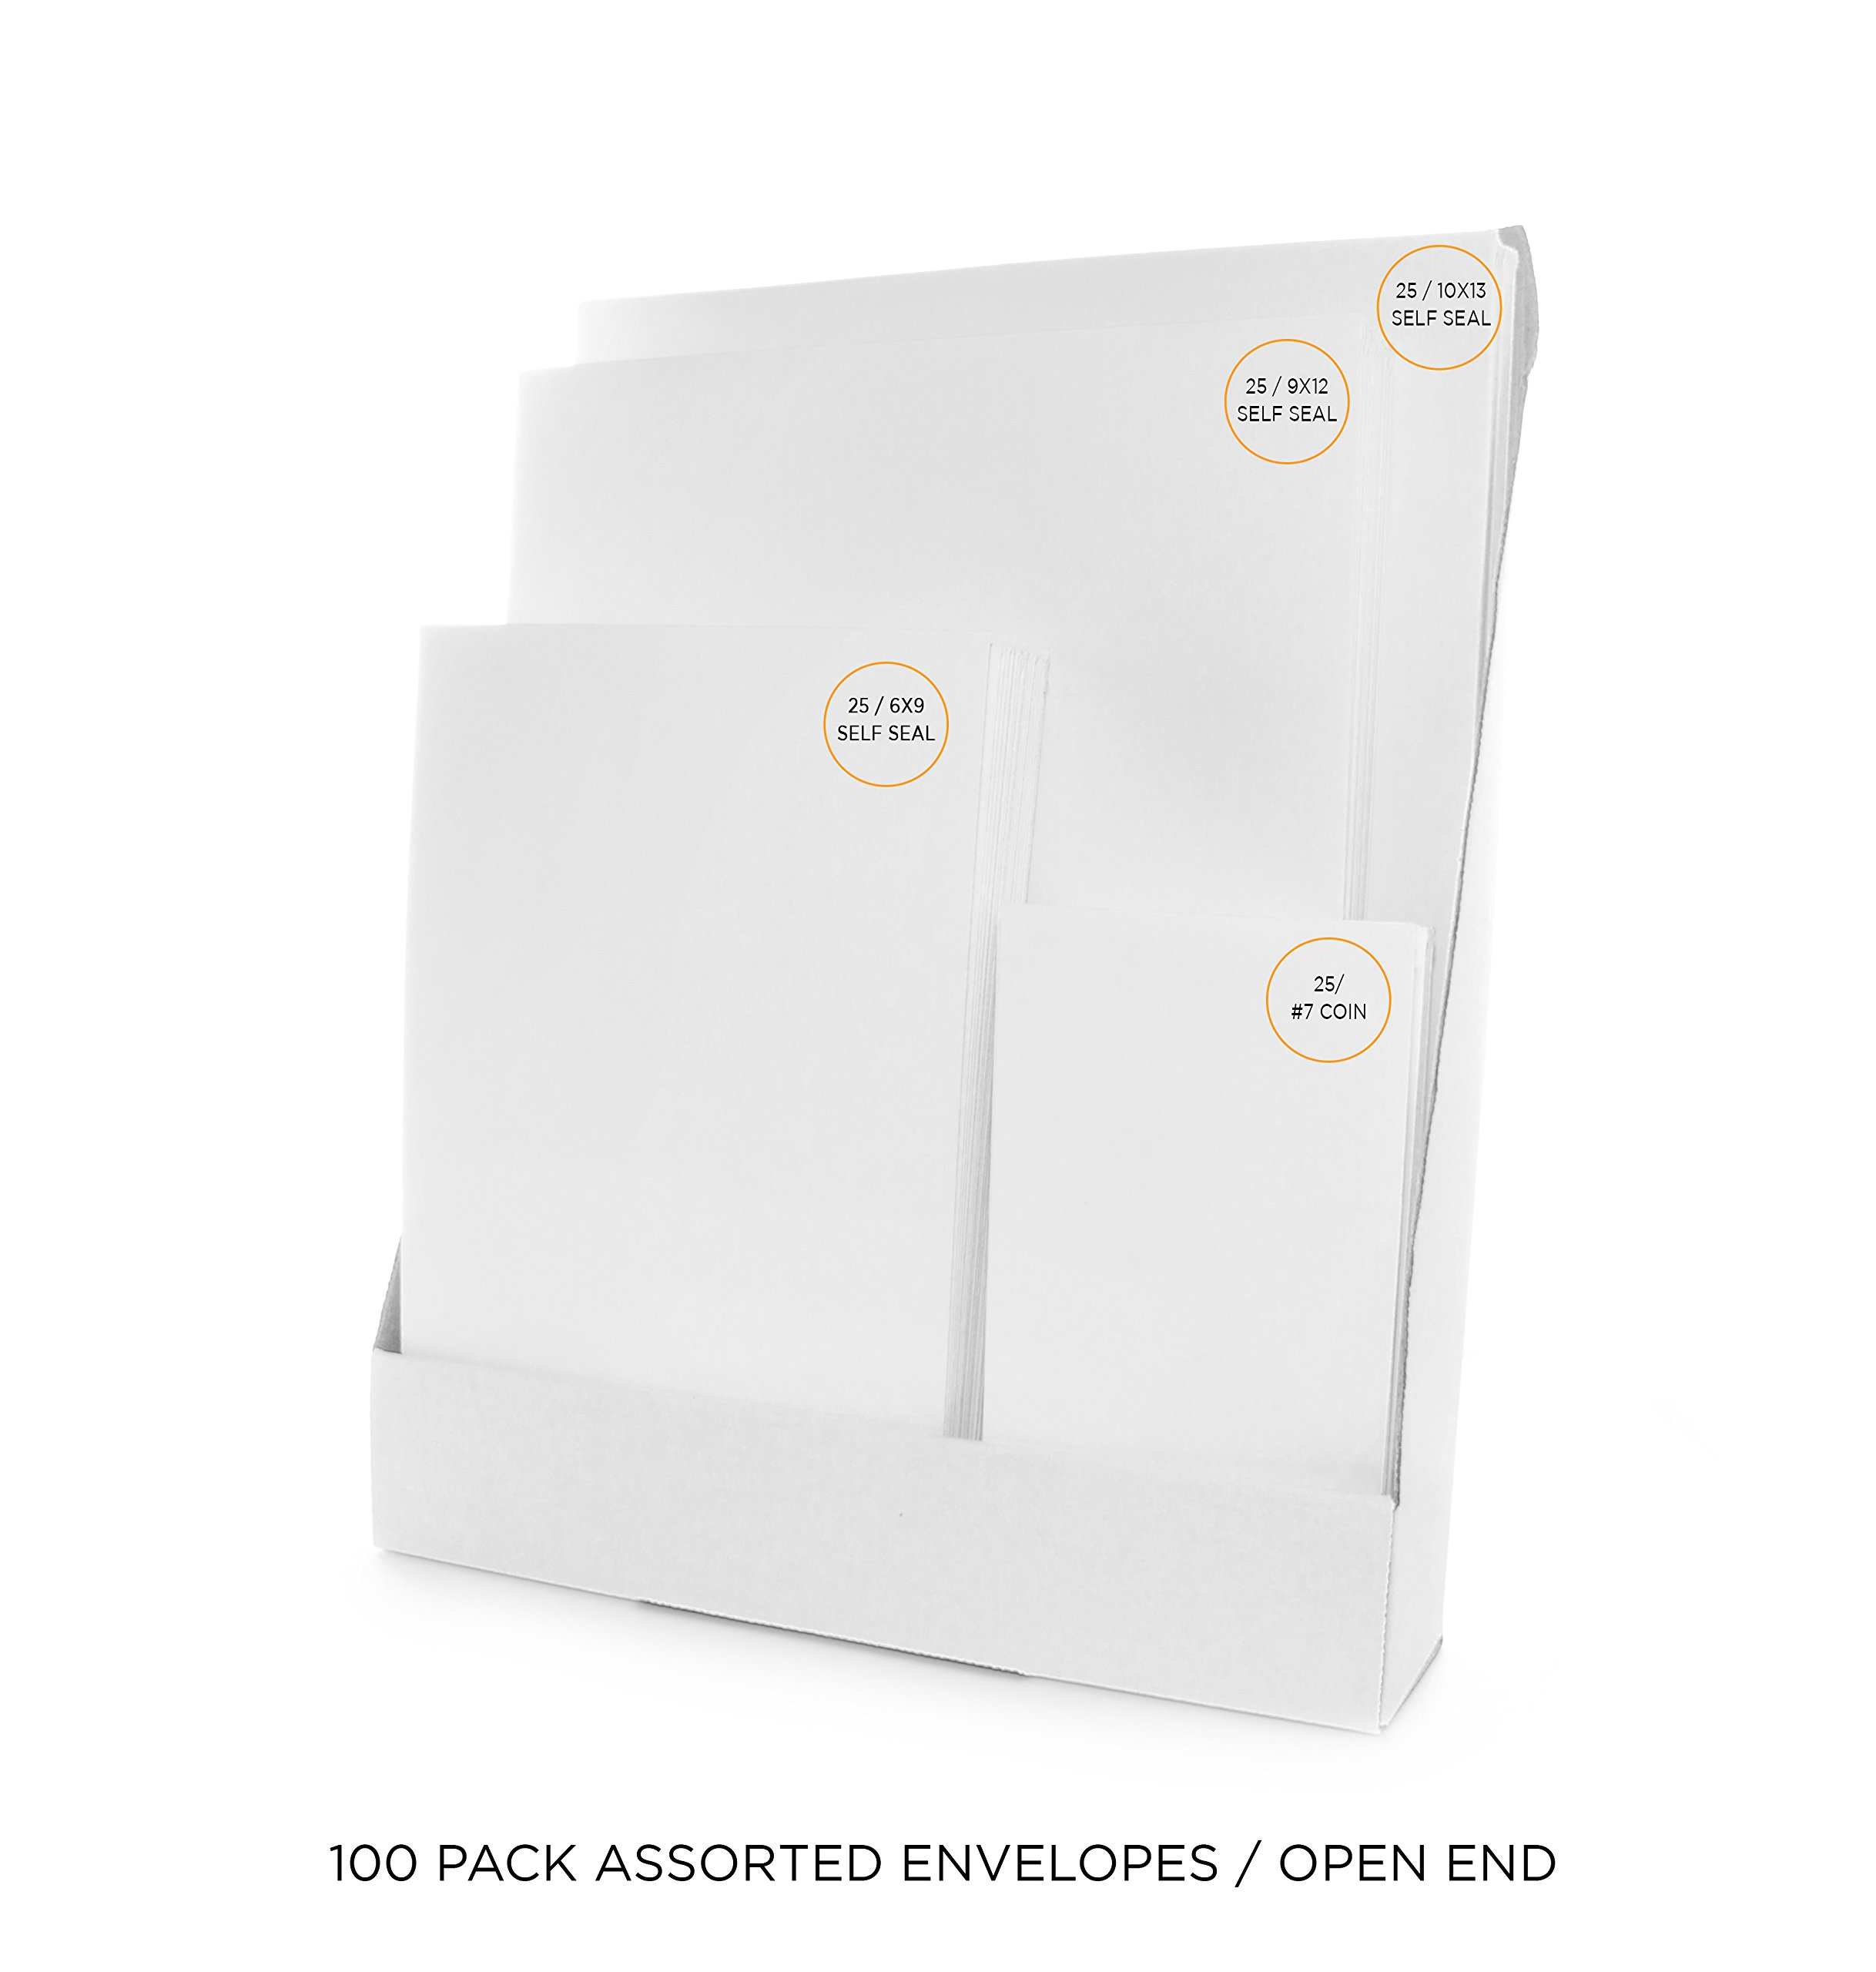 Envelope Tower – Office Envelopes Bulk Variety Pack – [25] 10x13 Self Seal, [25] 9x12 Self Seal, [25] 6x9 Self Seal, [25] #7 Coin Envelopes & Storage Box Holder – 100 Count Total – White Cat (Catalog)